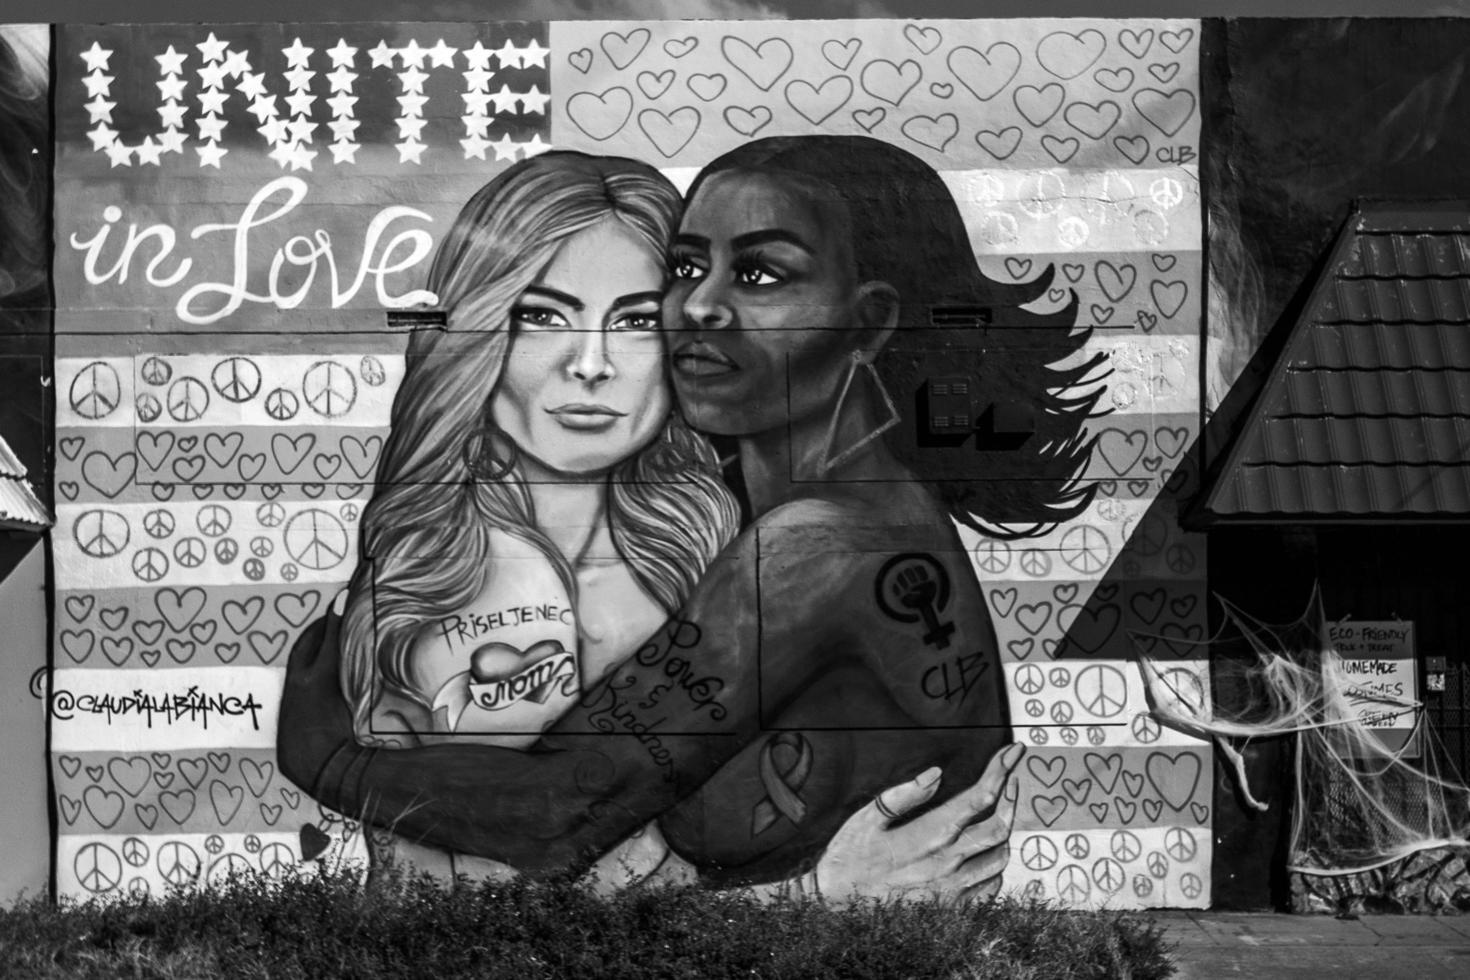 Miami, Florida, 2020 - Unite in love mural photo